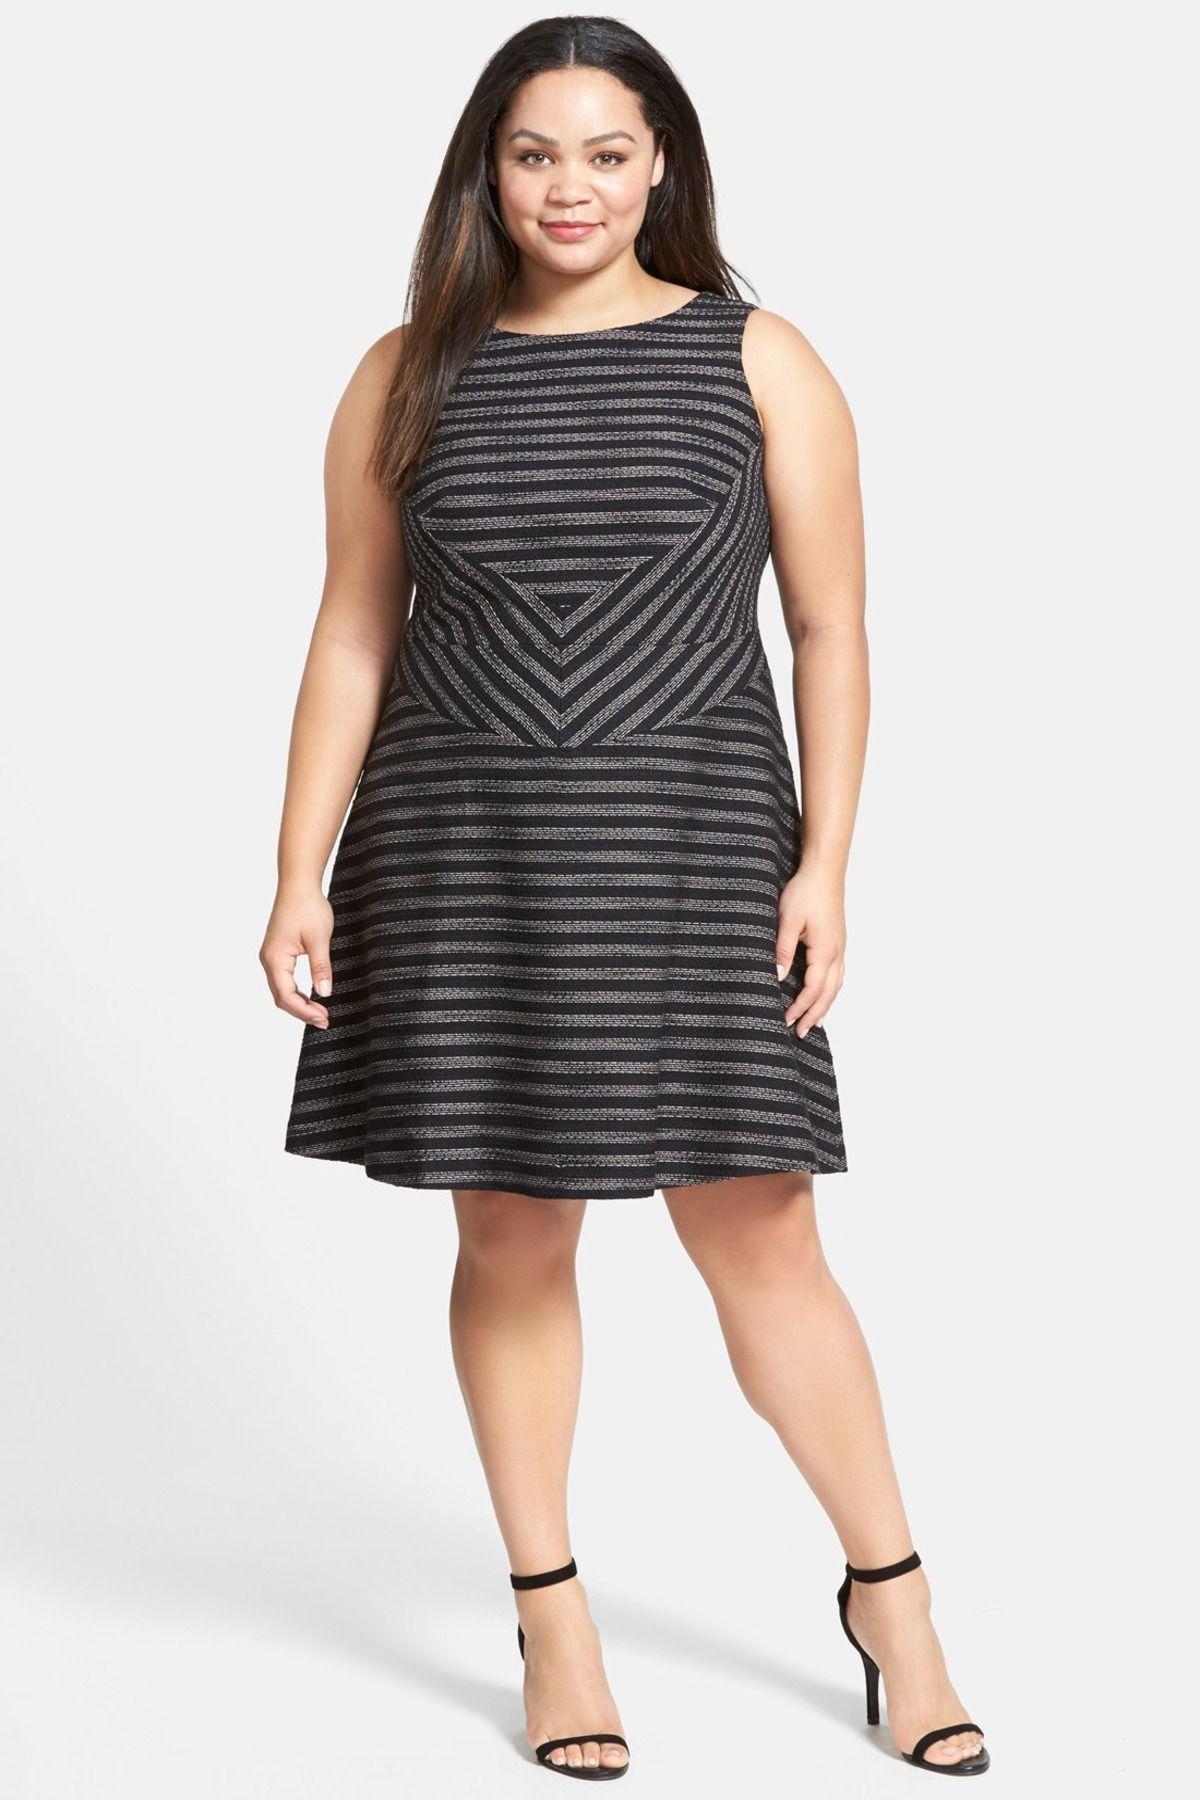 Nordstrom Rack Plus Size Formal Dresses - raveitsafe